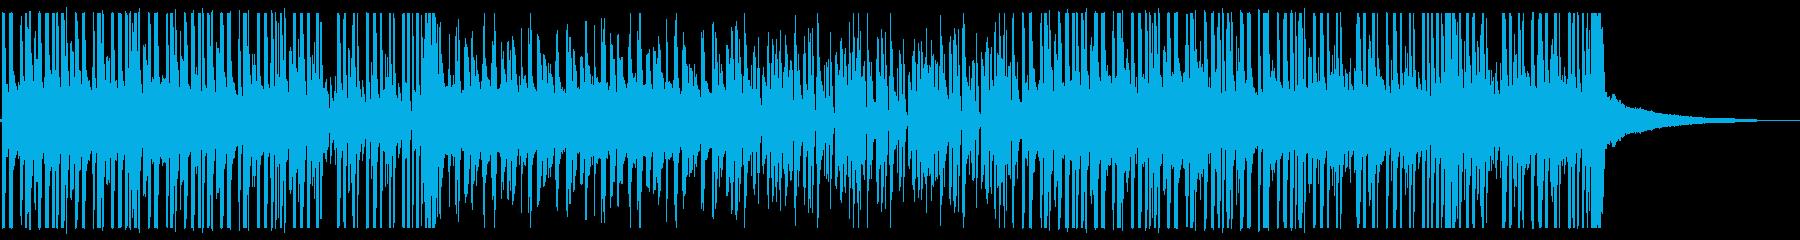 宇宙のどこかのBARでの再生済みの波形